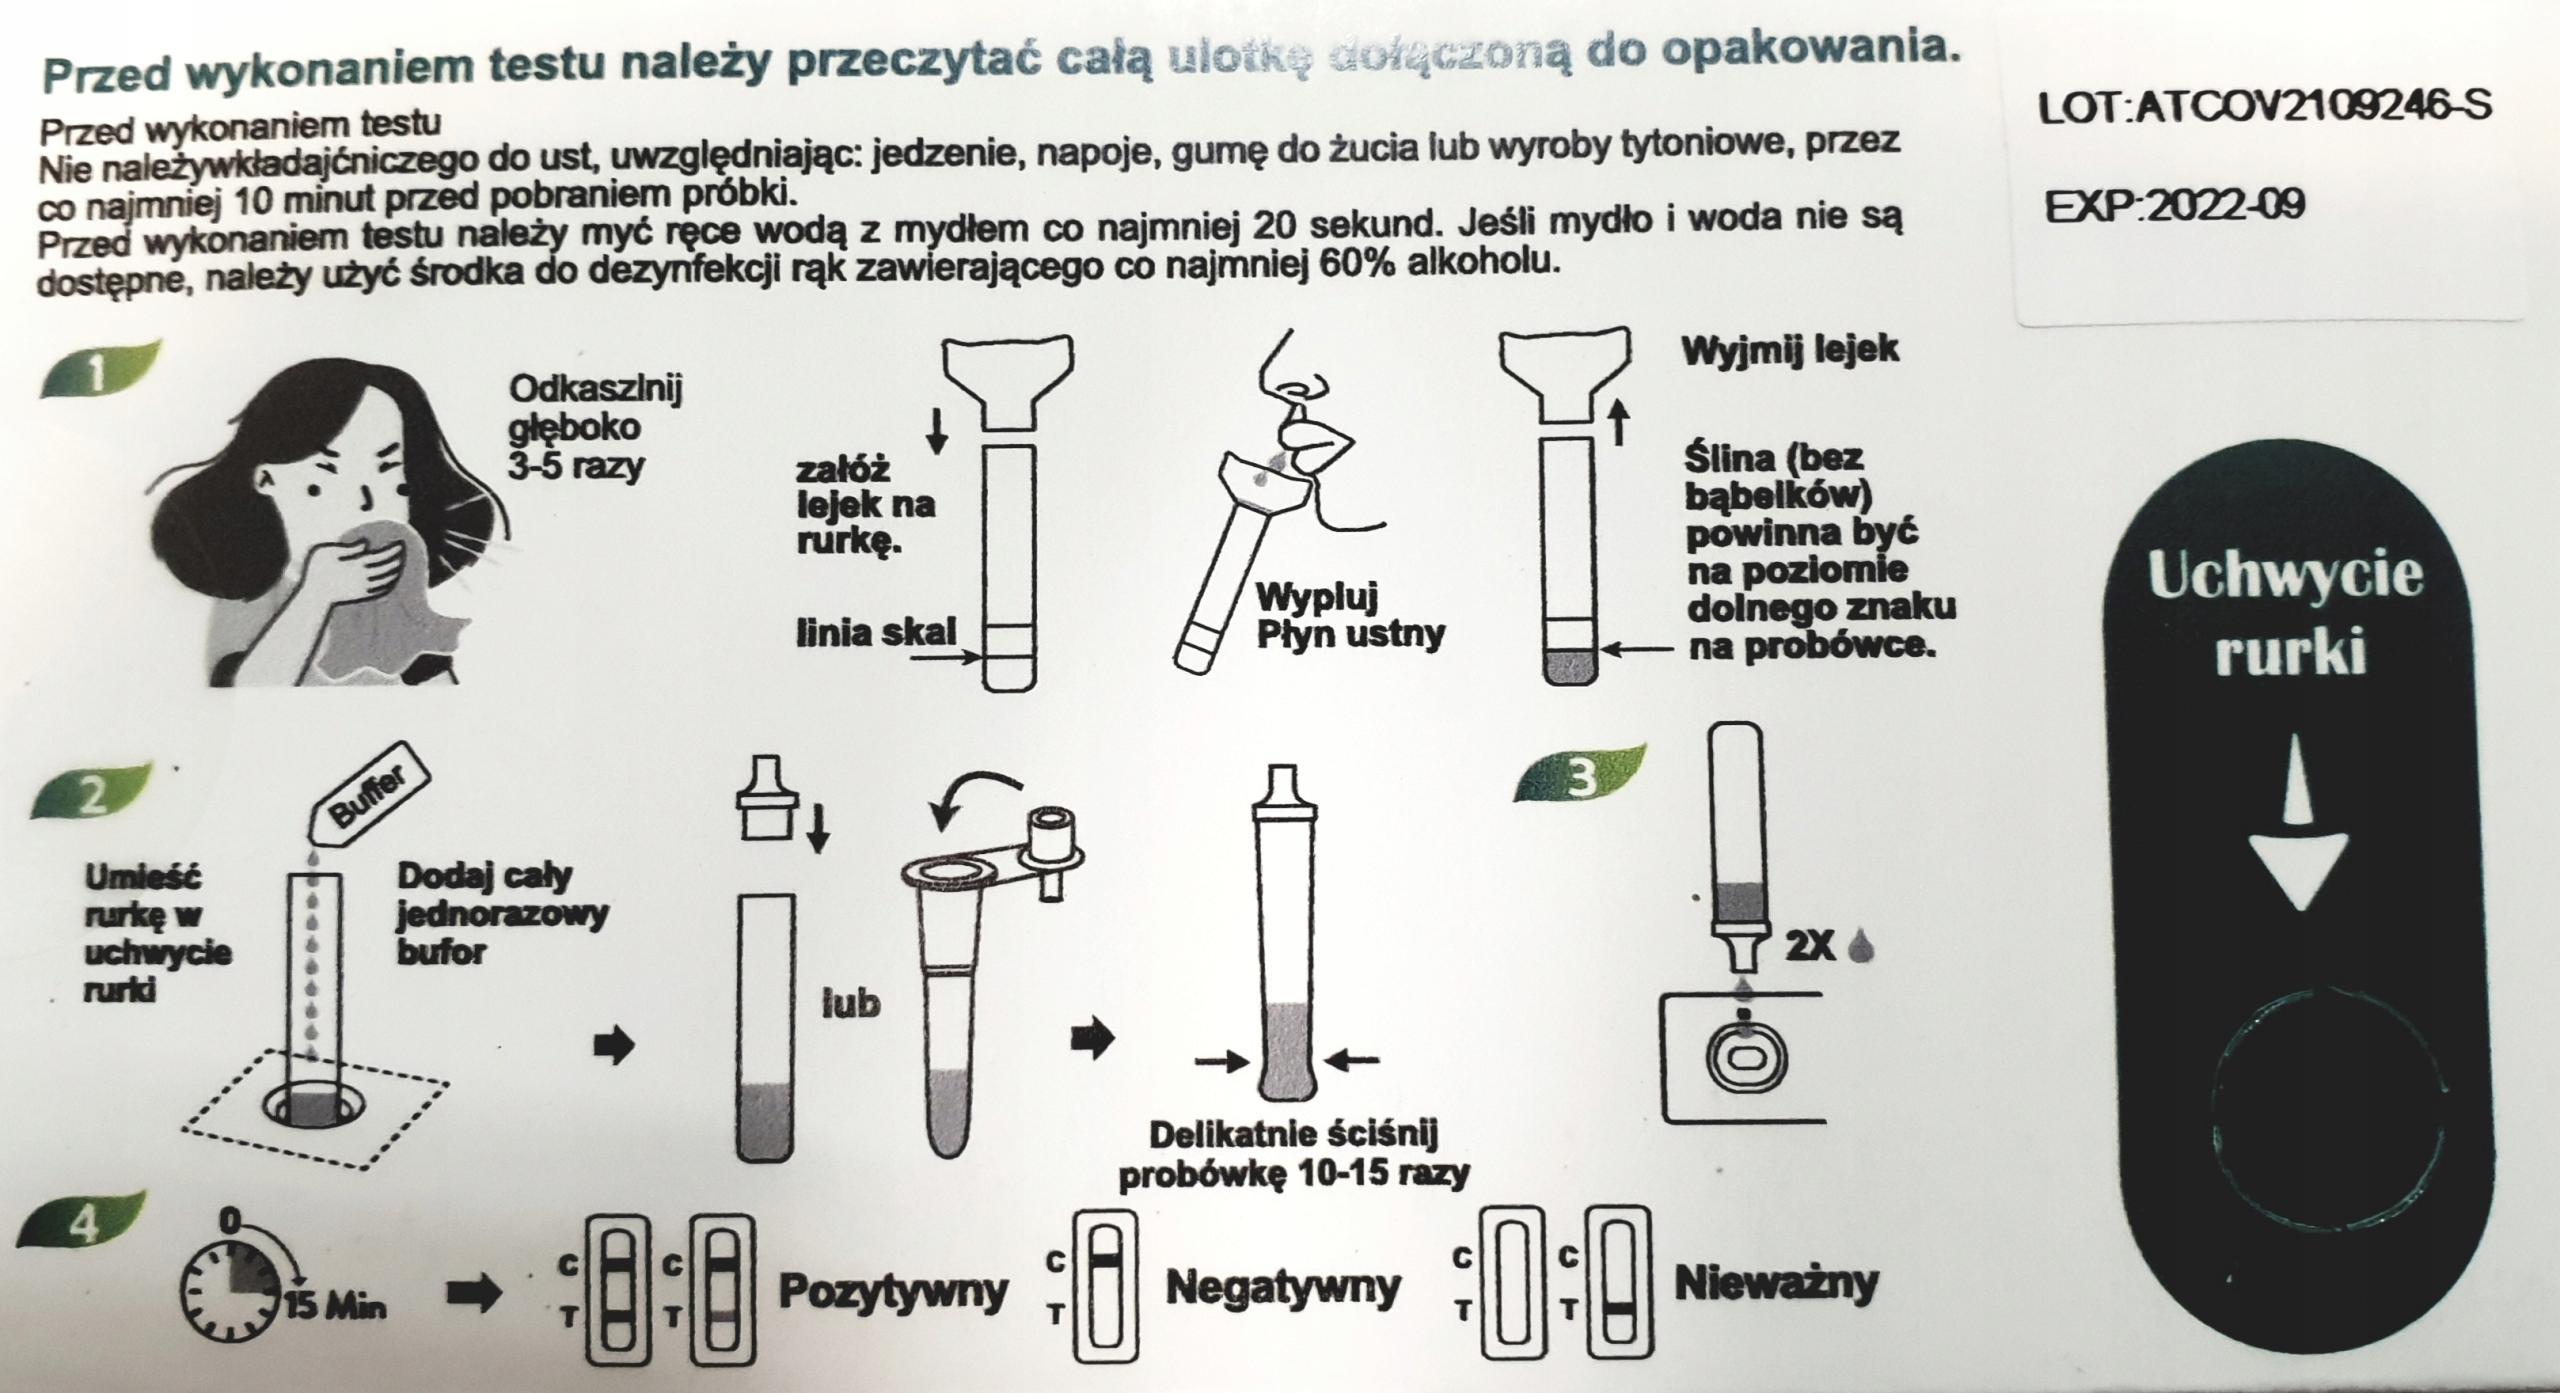 BERIGHT SZYBKI TEST ANTYGENOWY C-19 ŚLINA LEGALNY EAN 6970277517119